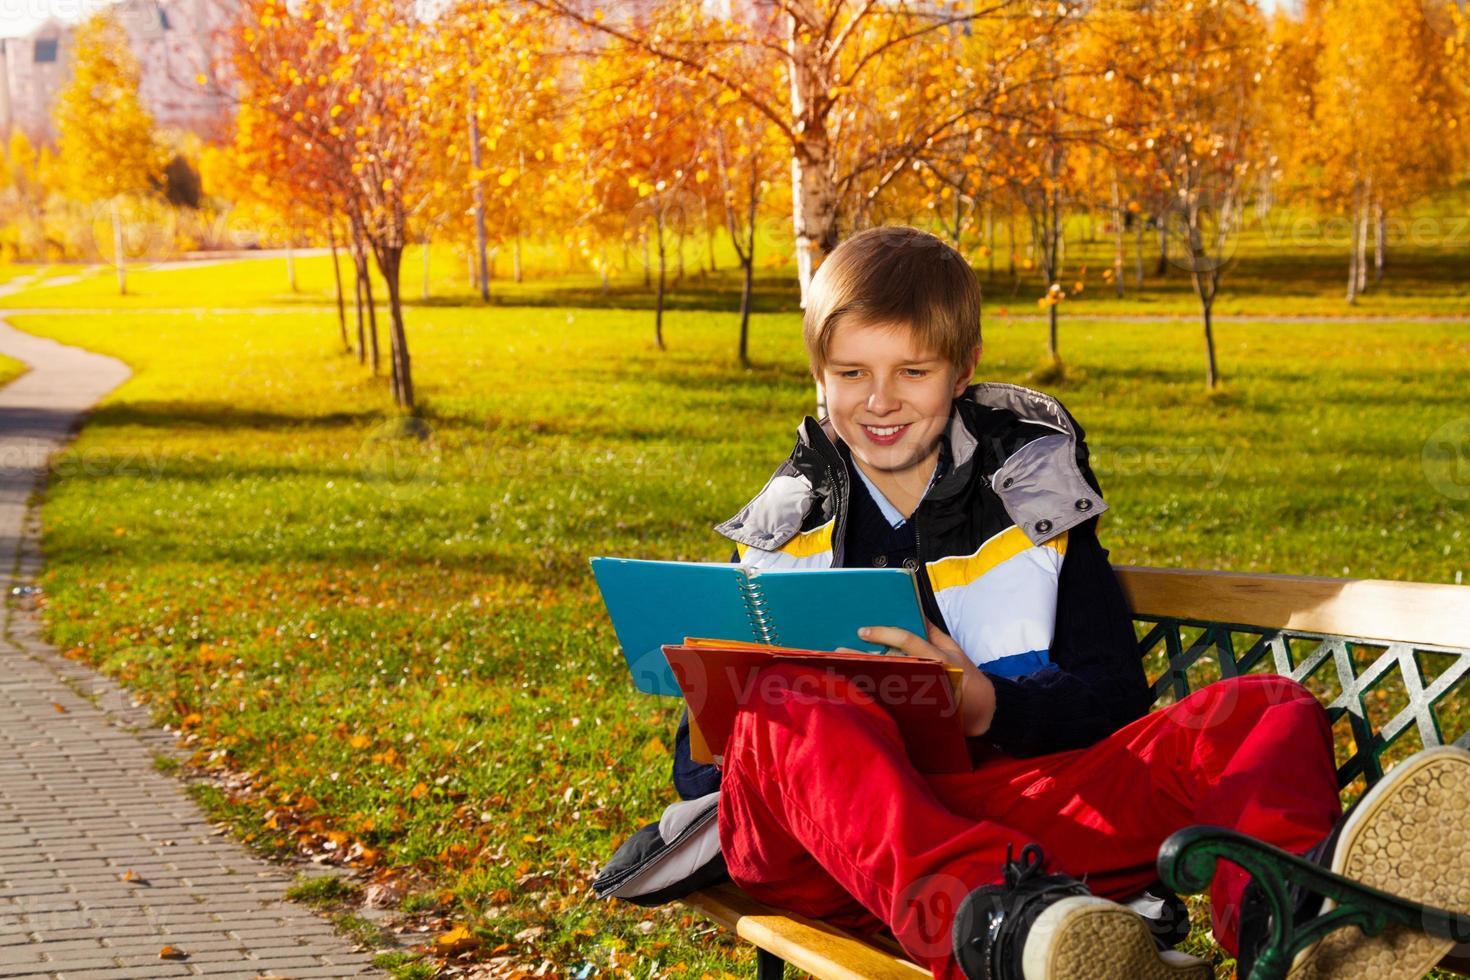 lachende jongen met leerboek foto